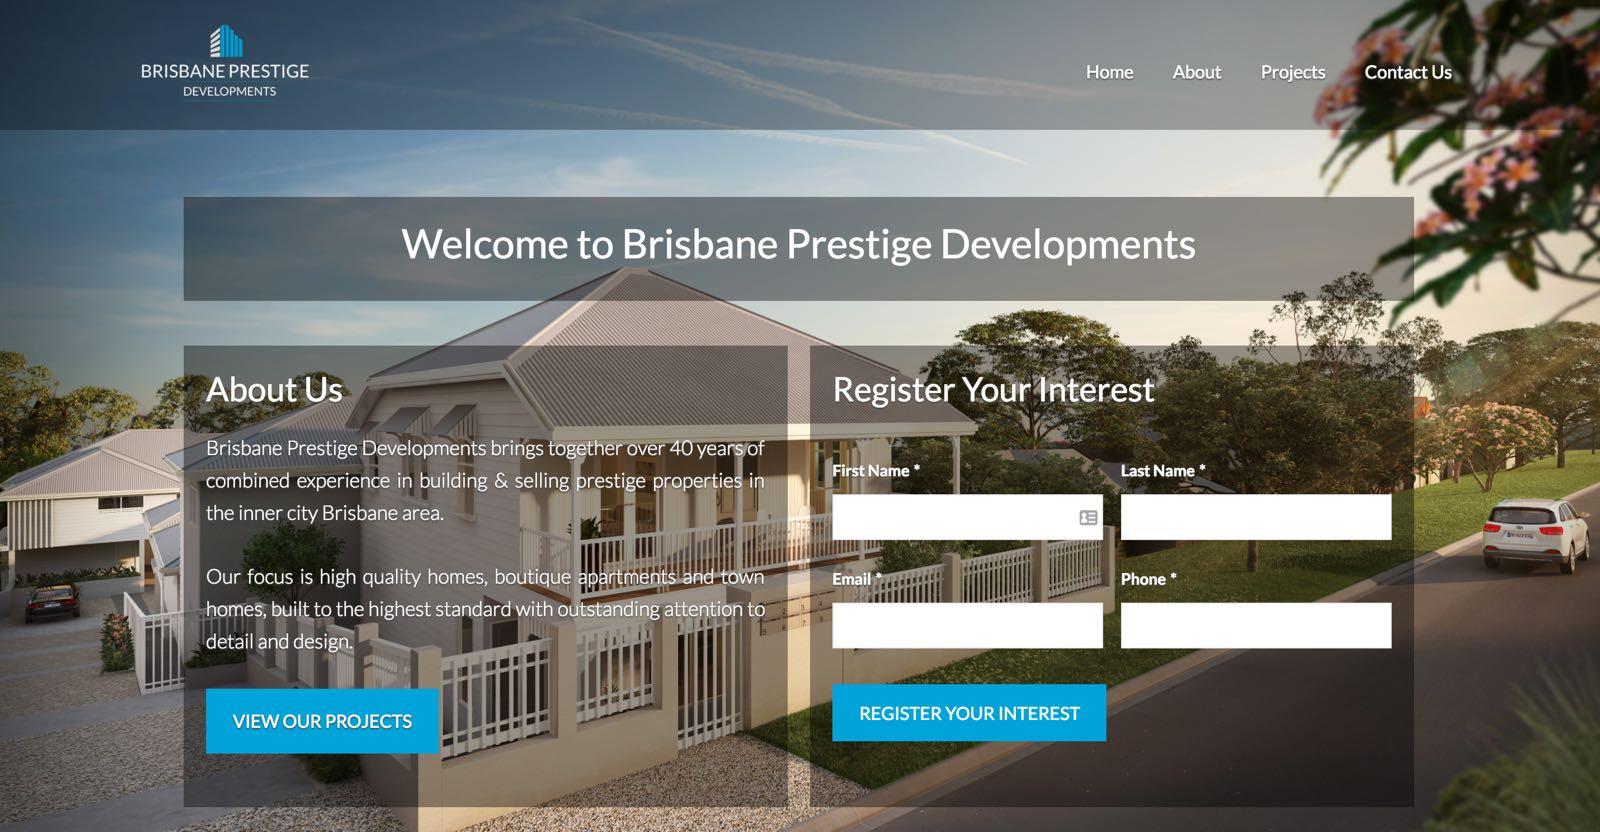 bpd-website